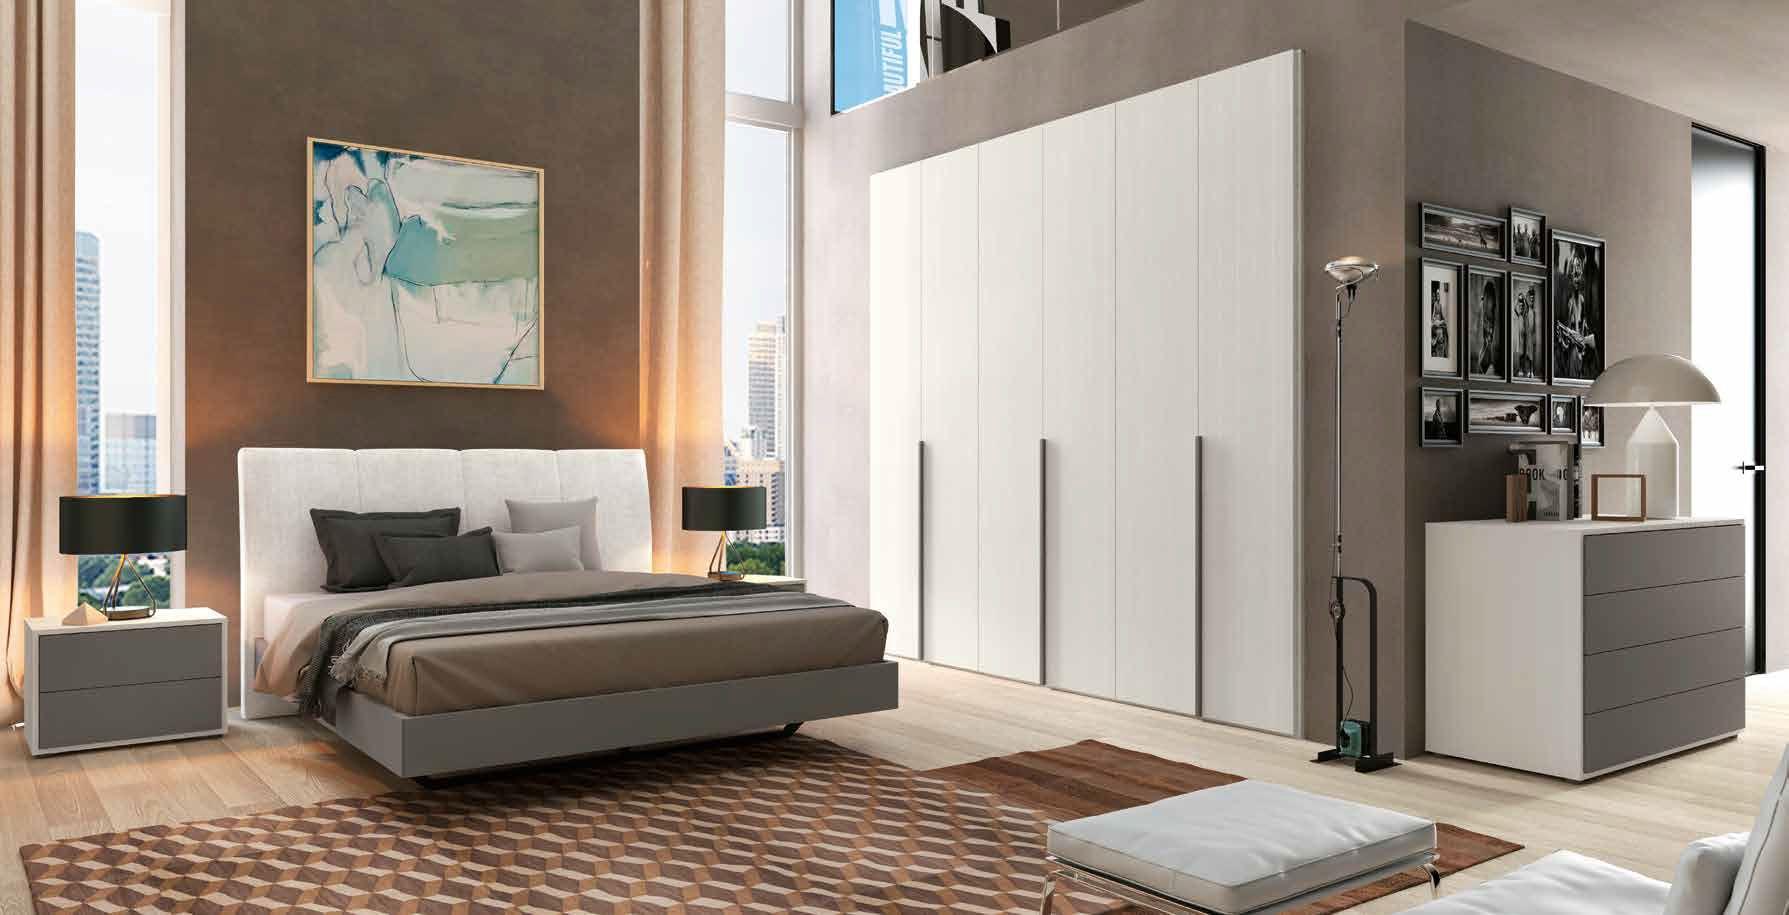 camera da letto moderna arredamenti divani torino